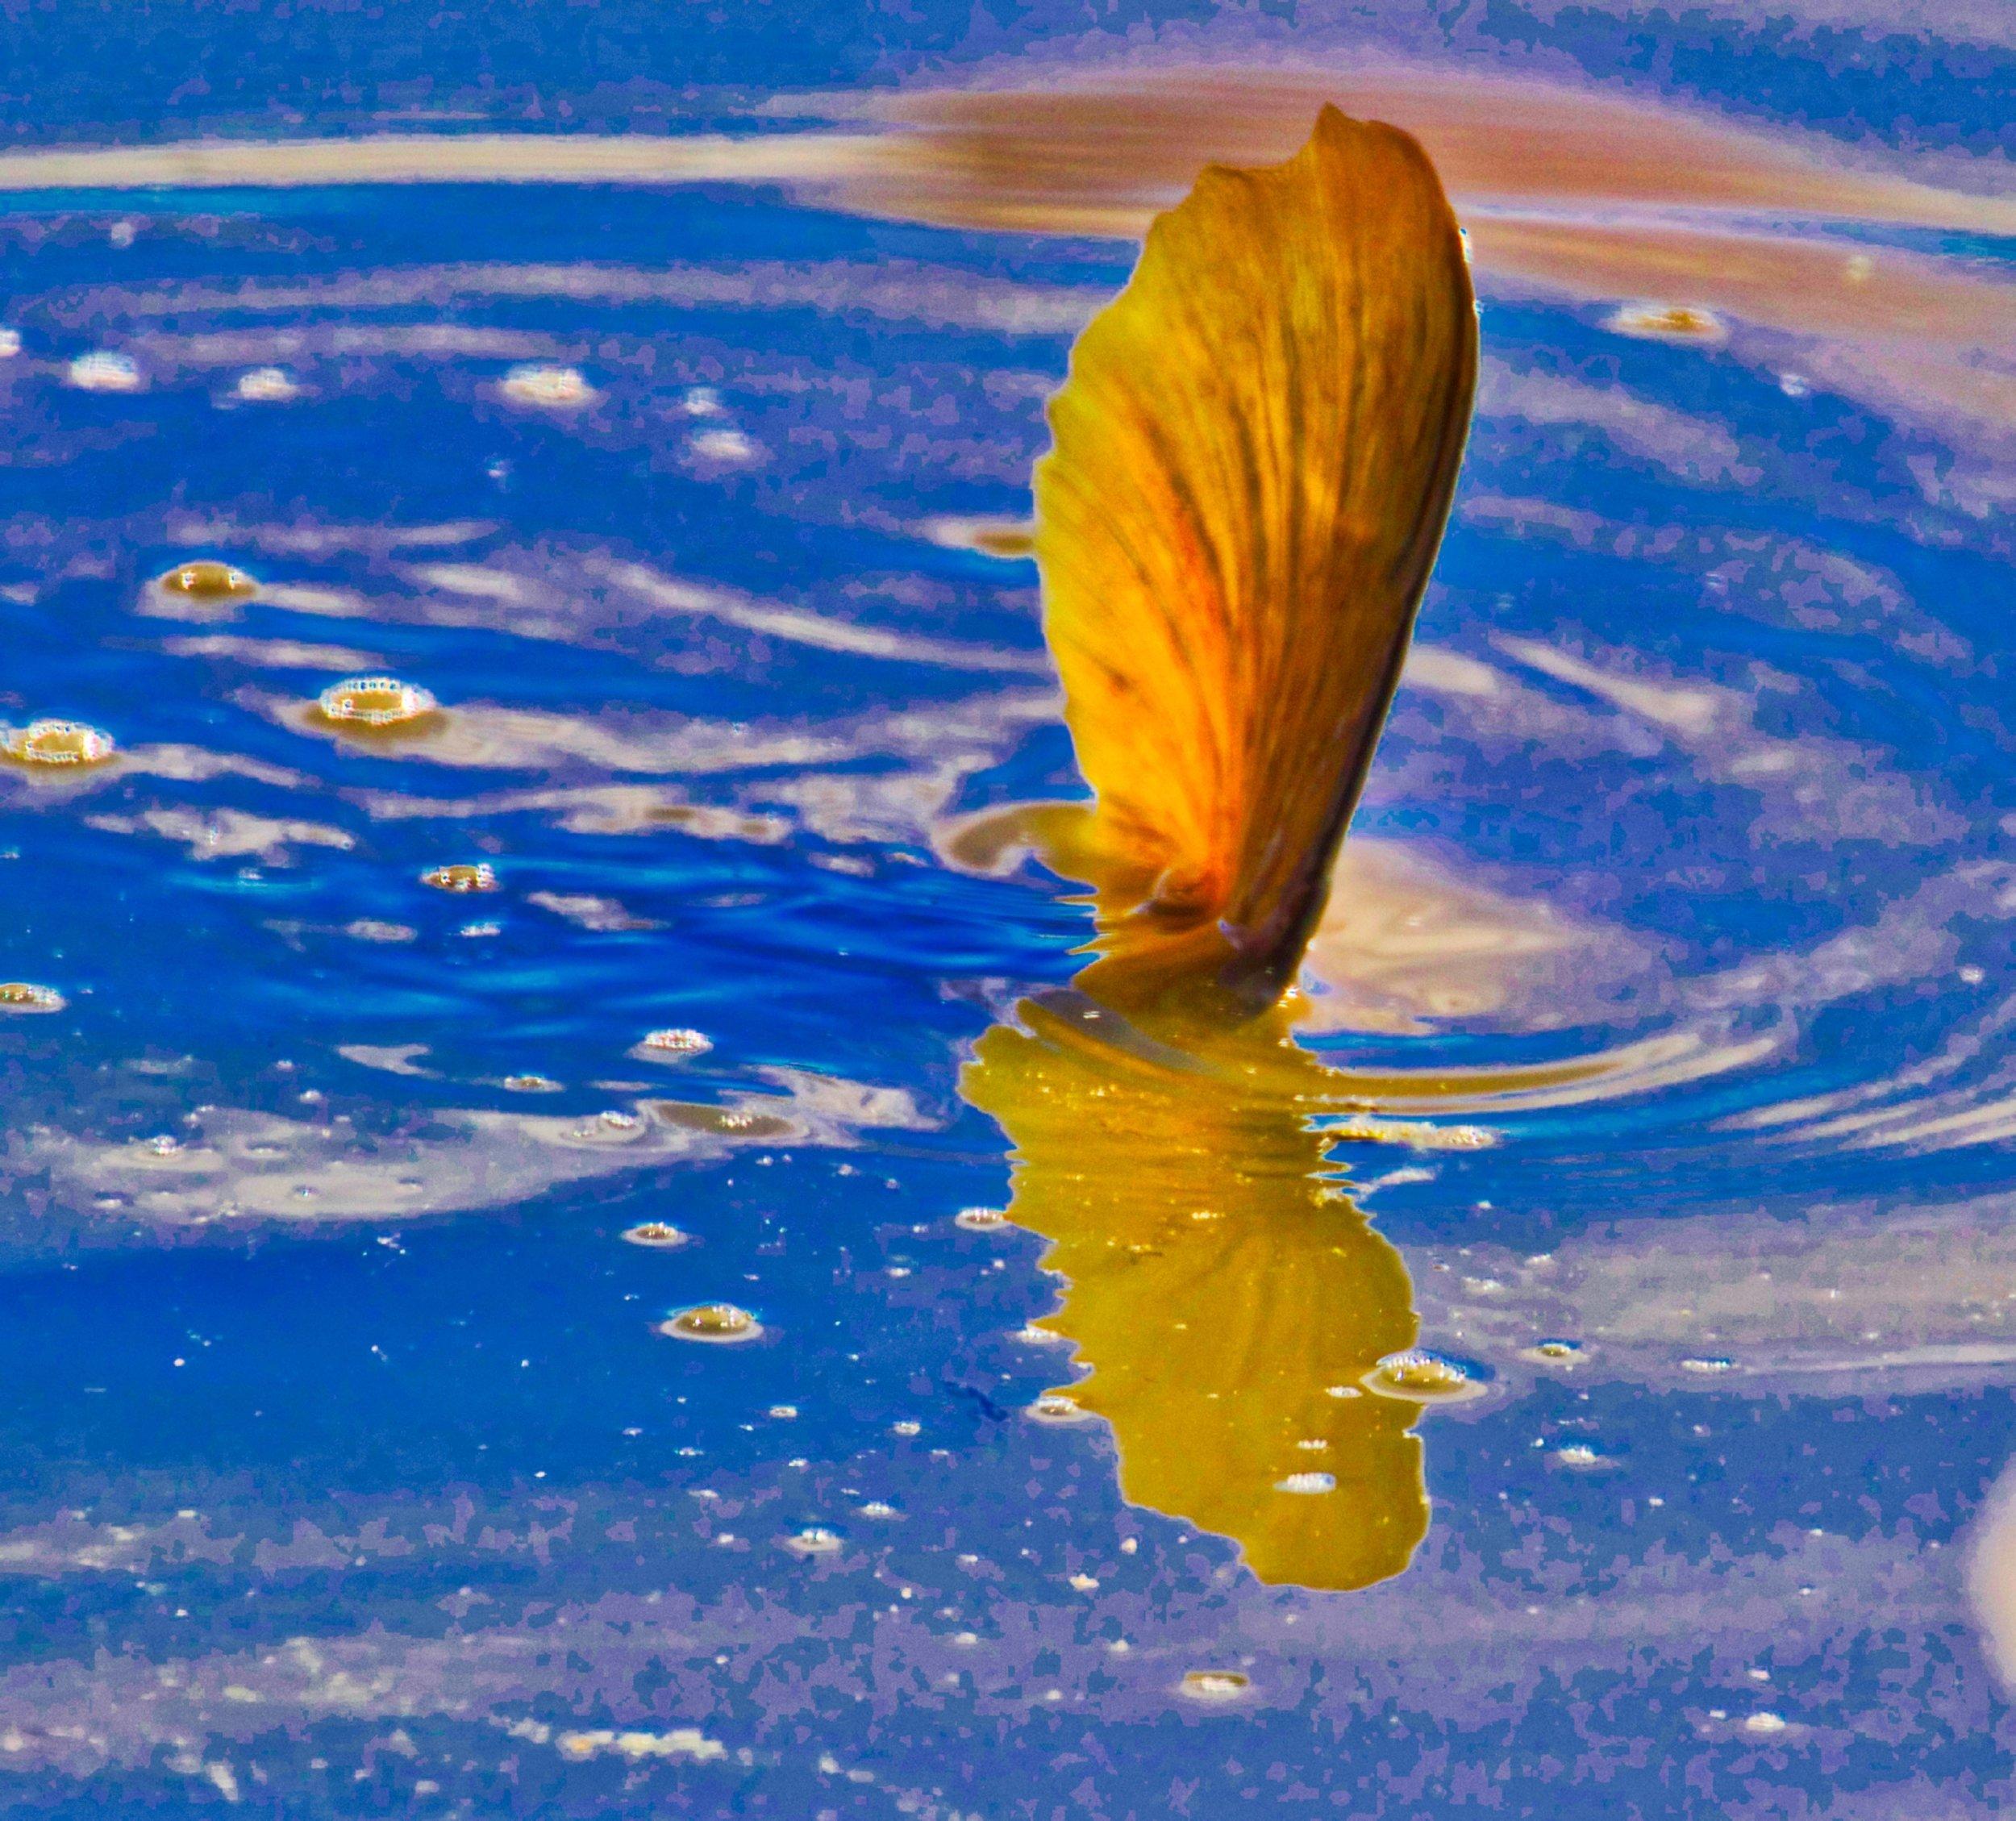 Carp in the Pond